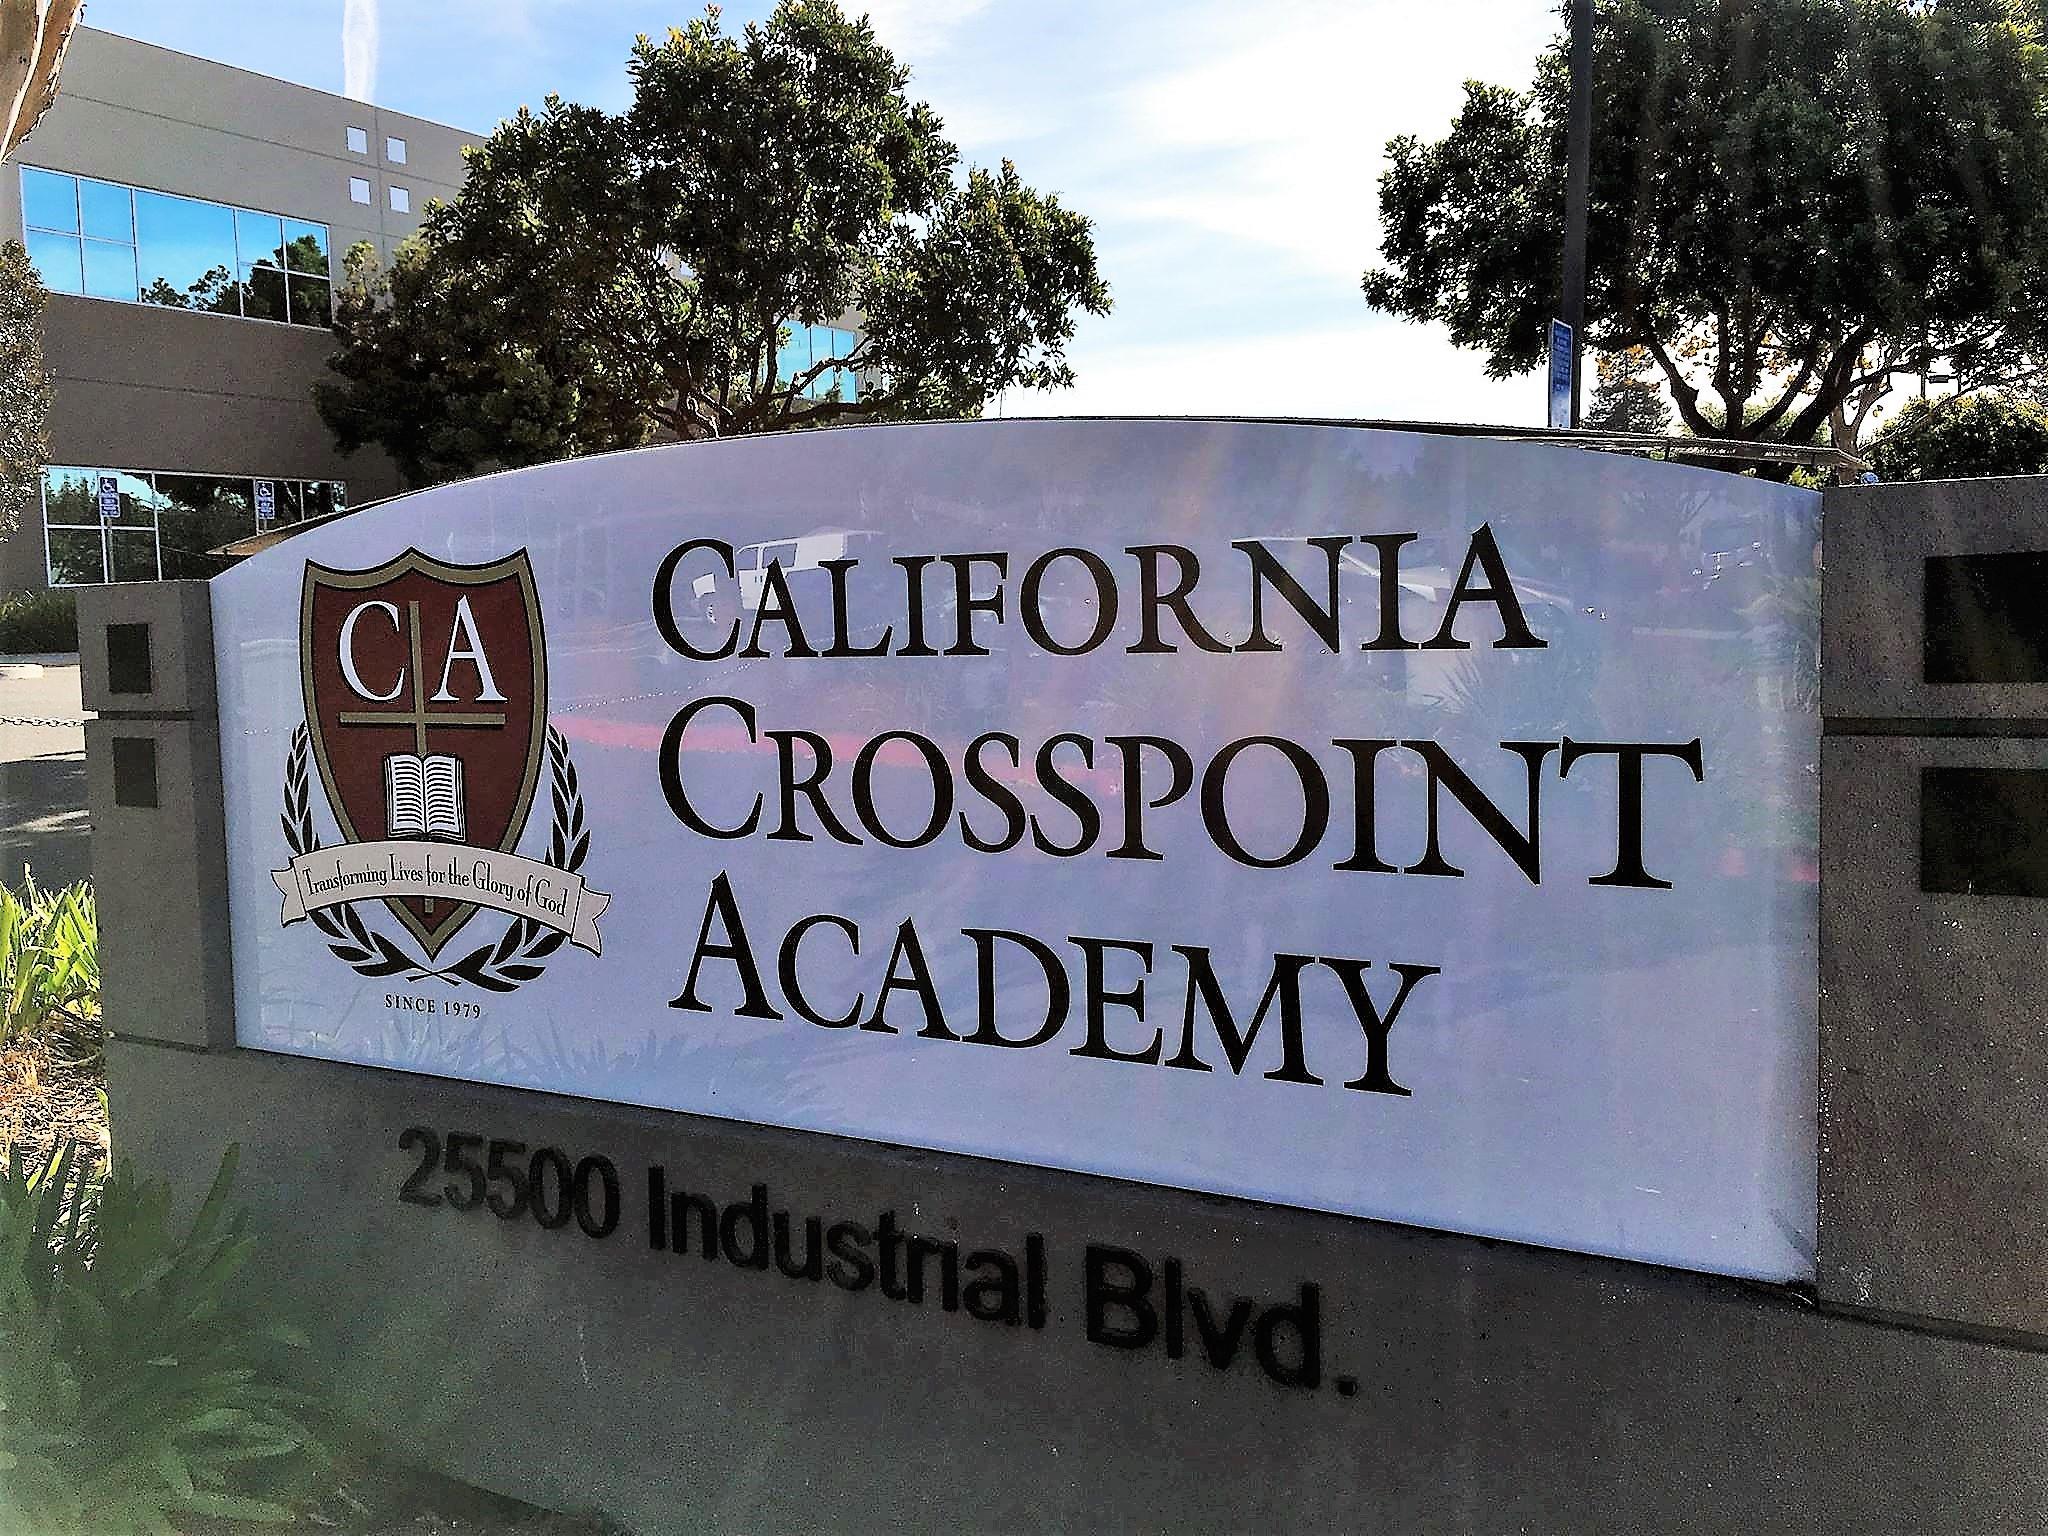 Cal Crosspoint Academy.jpg